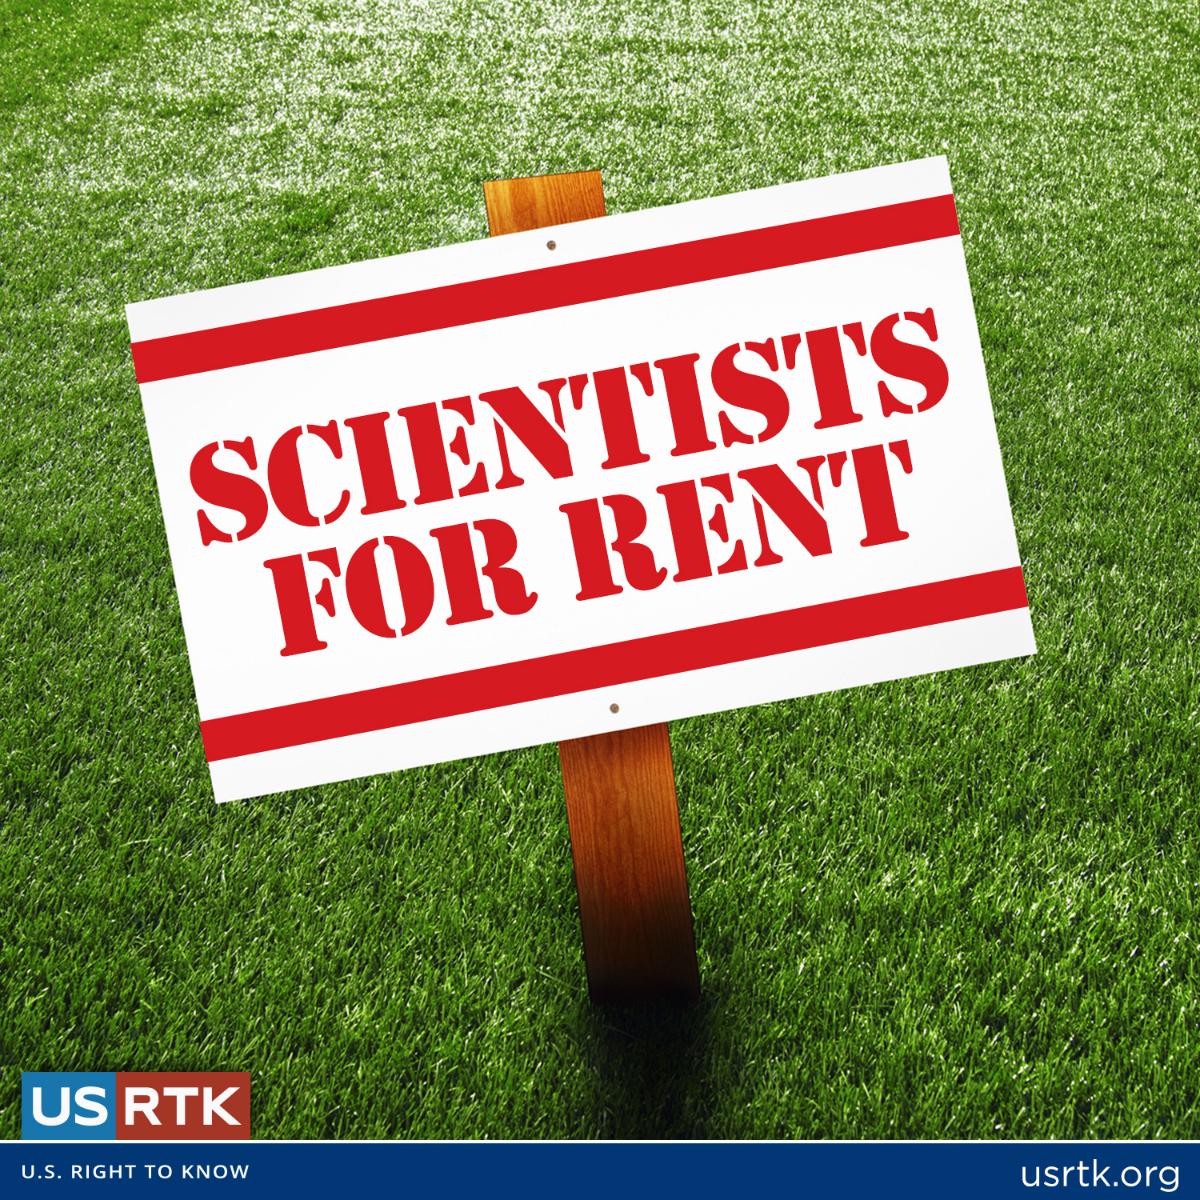 Scientists for Rent: USRTK